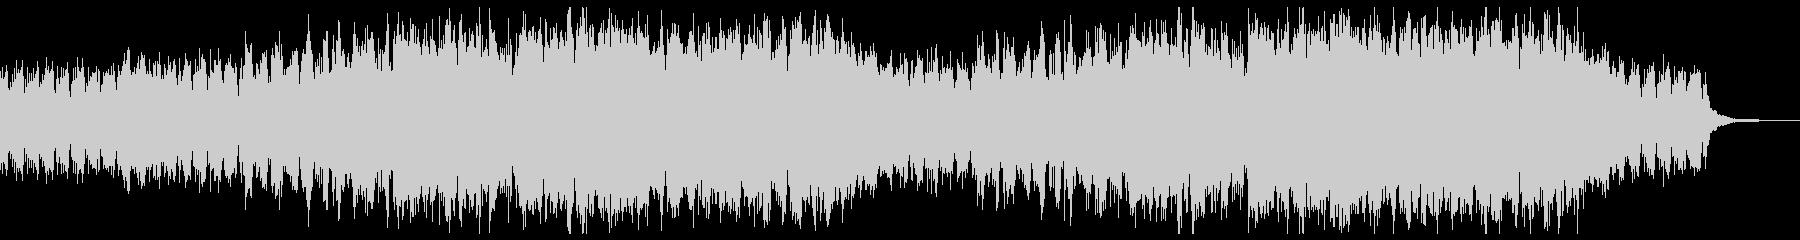 静かに始まる上品なピアノストリングスの未再生の波形